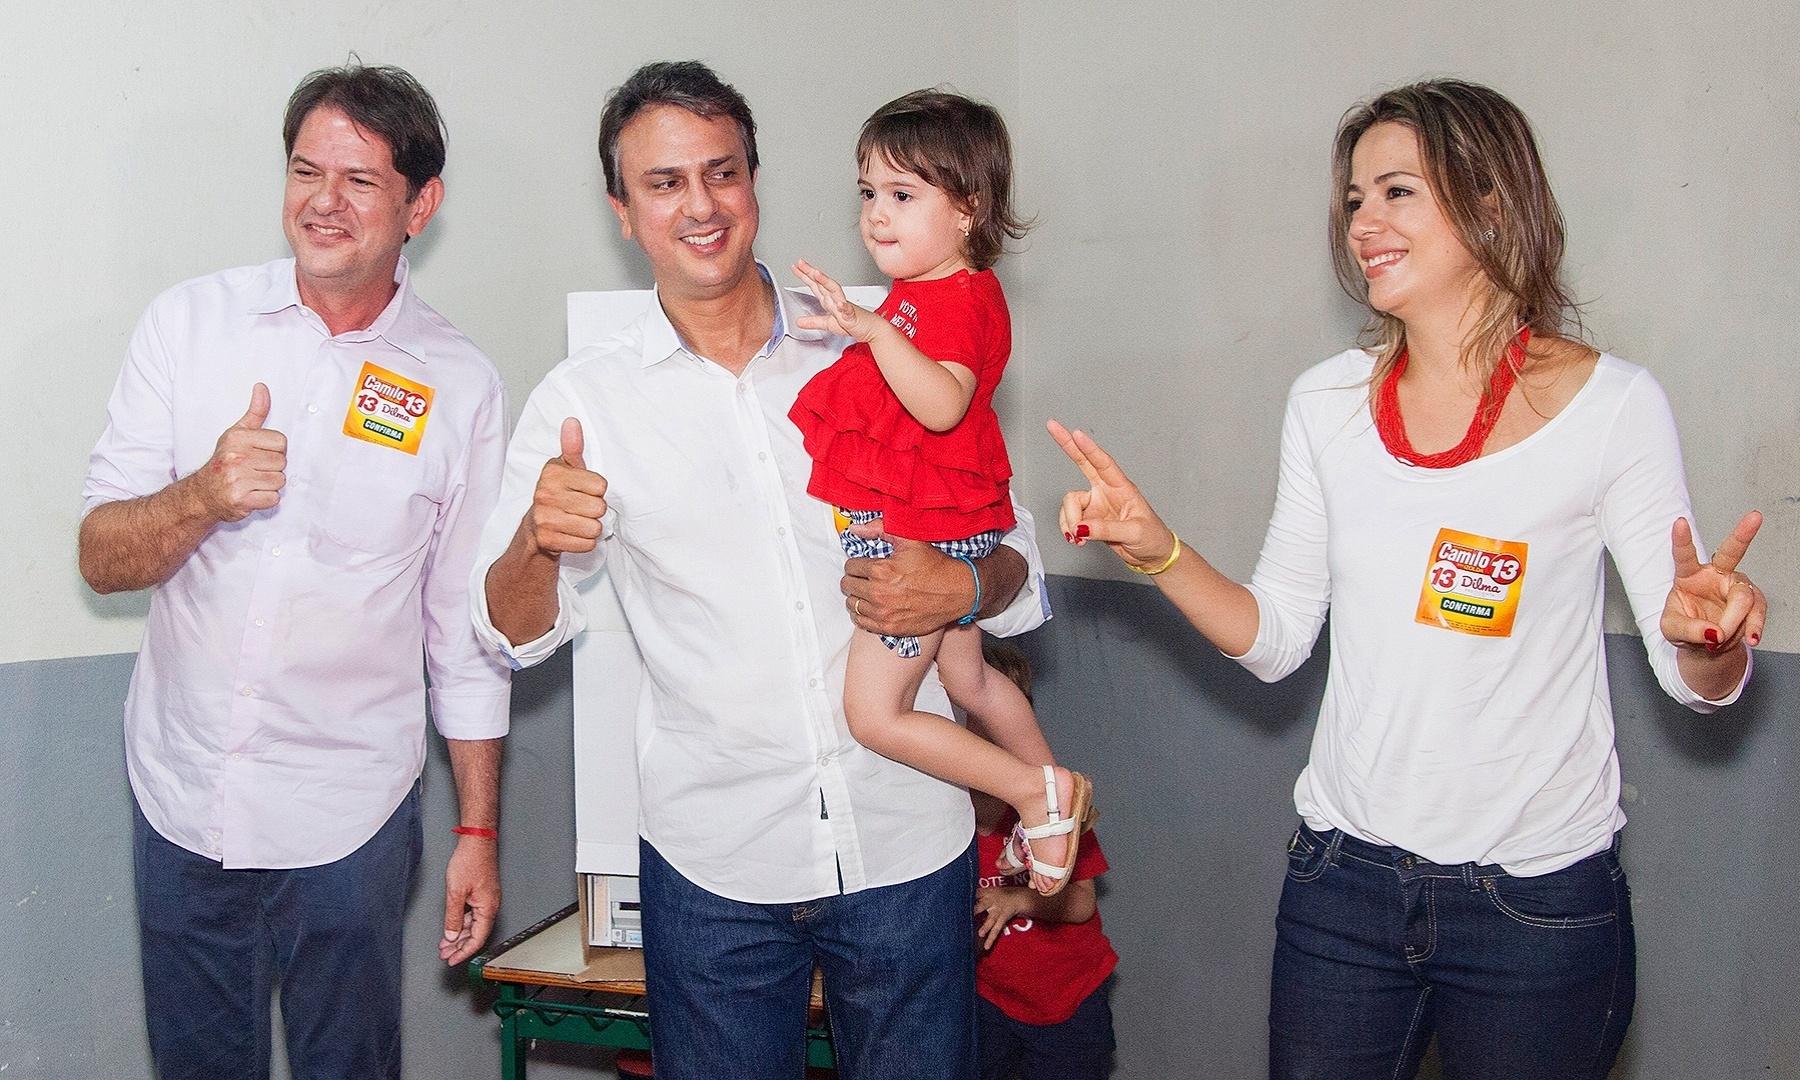 26.out.2014 - Camilo Santana (PT) comparece às urnas acompanhado da família em Caldas, distrito de Barbalha (CE), neste domingo (26). Ele é candidato ao governo do Estado, e, segundo a última pesquisa Datafolha, tem 57% das intenções de voto, contra 43% de seu opositor, Eunício Oliveira (PMDB)